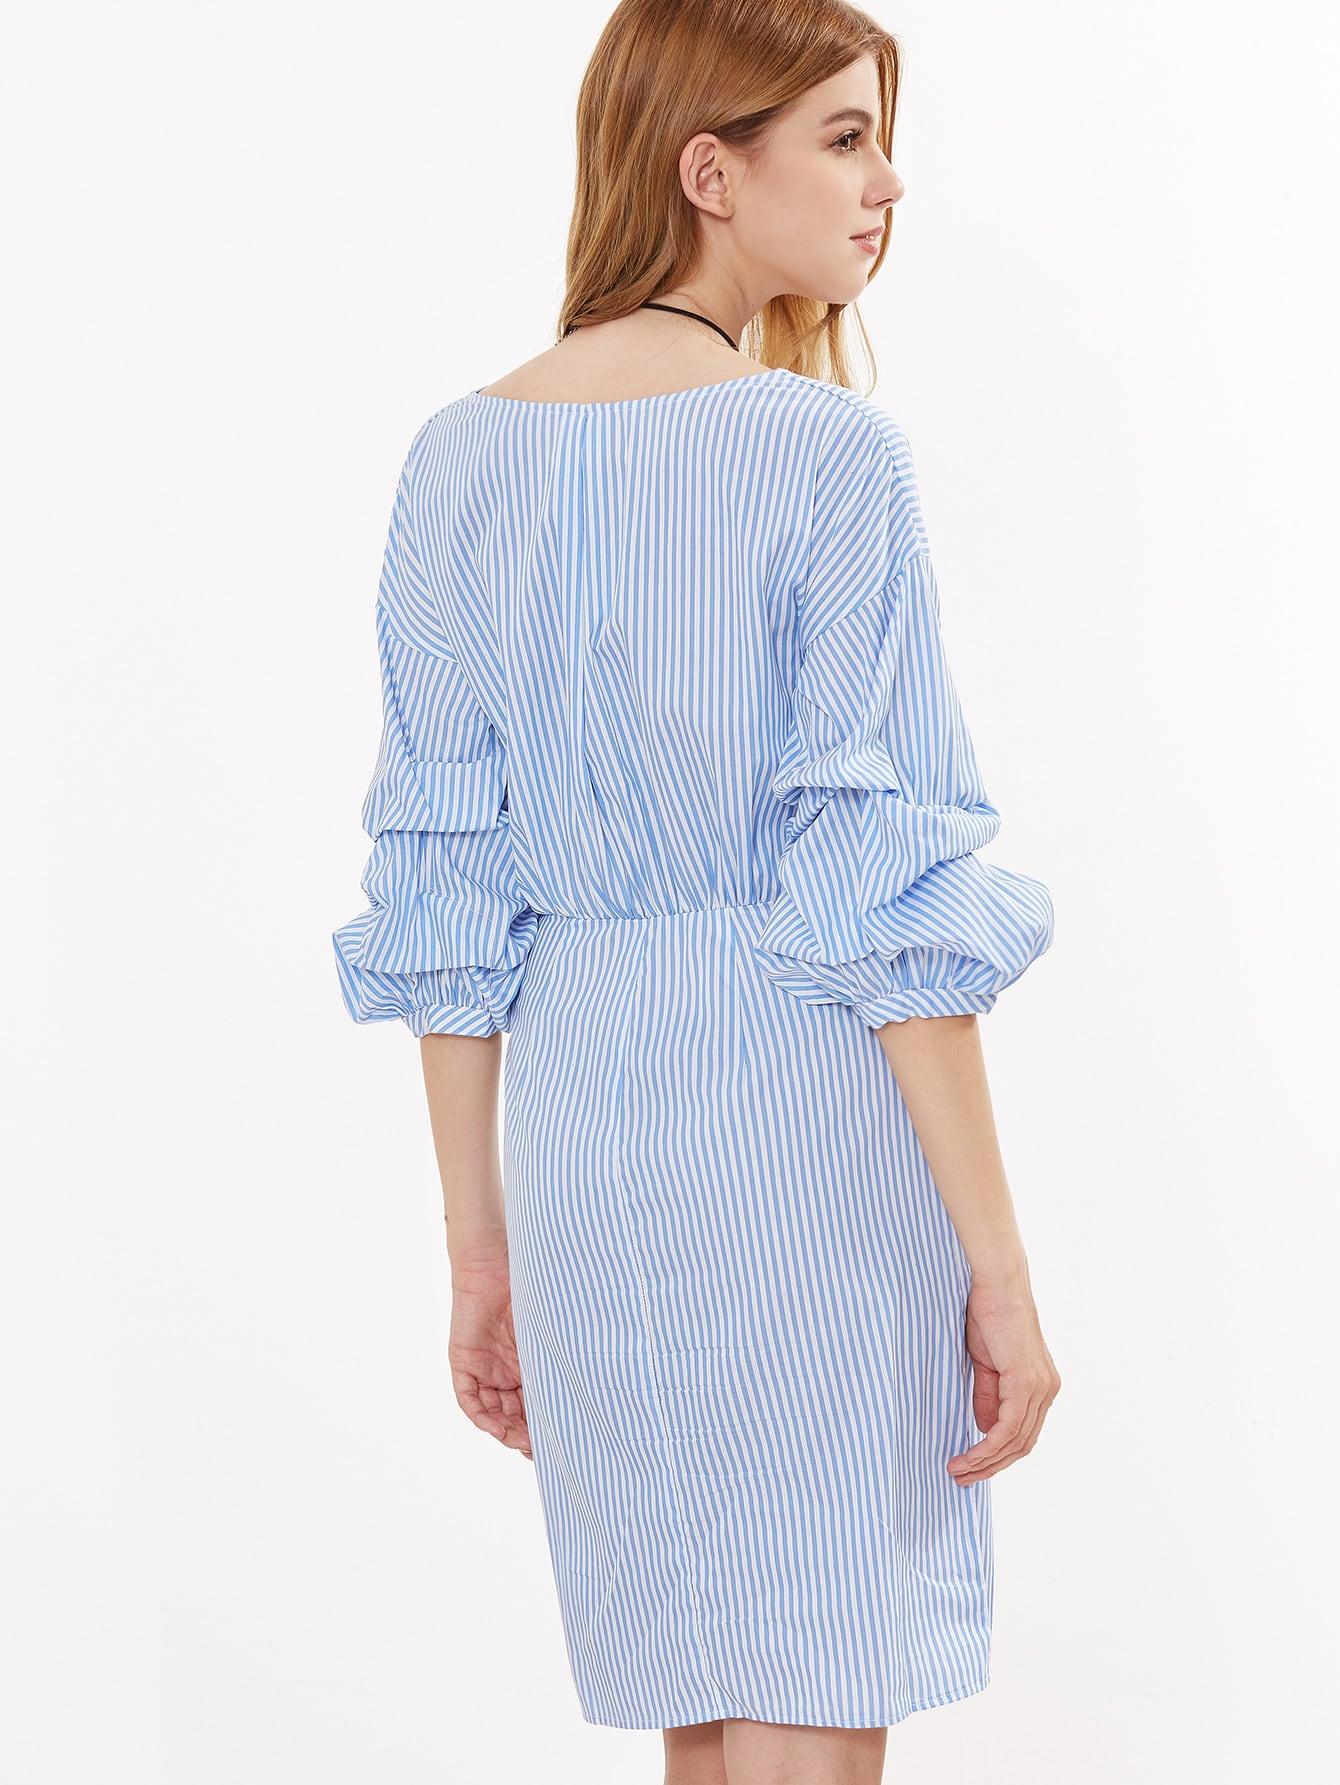 dress160914702_2